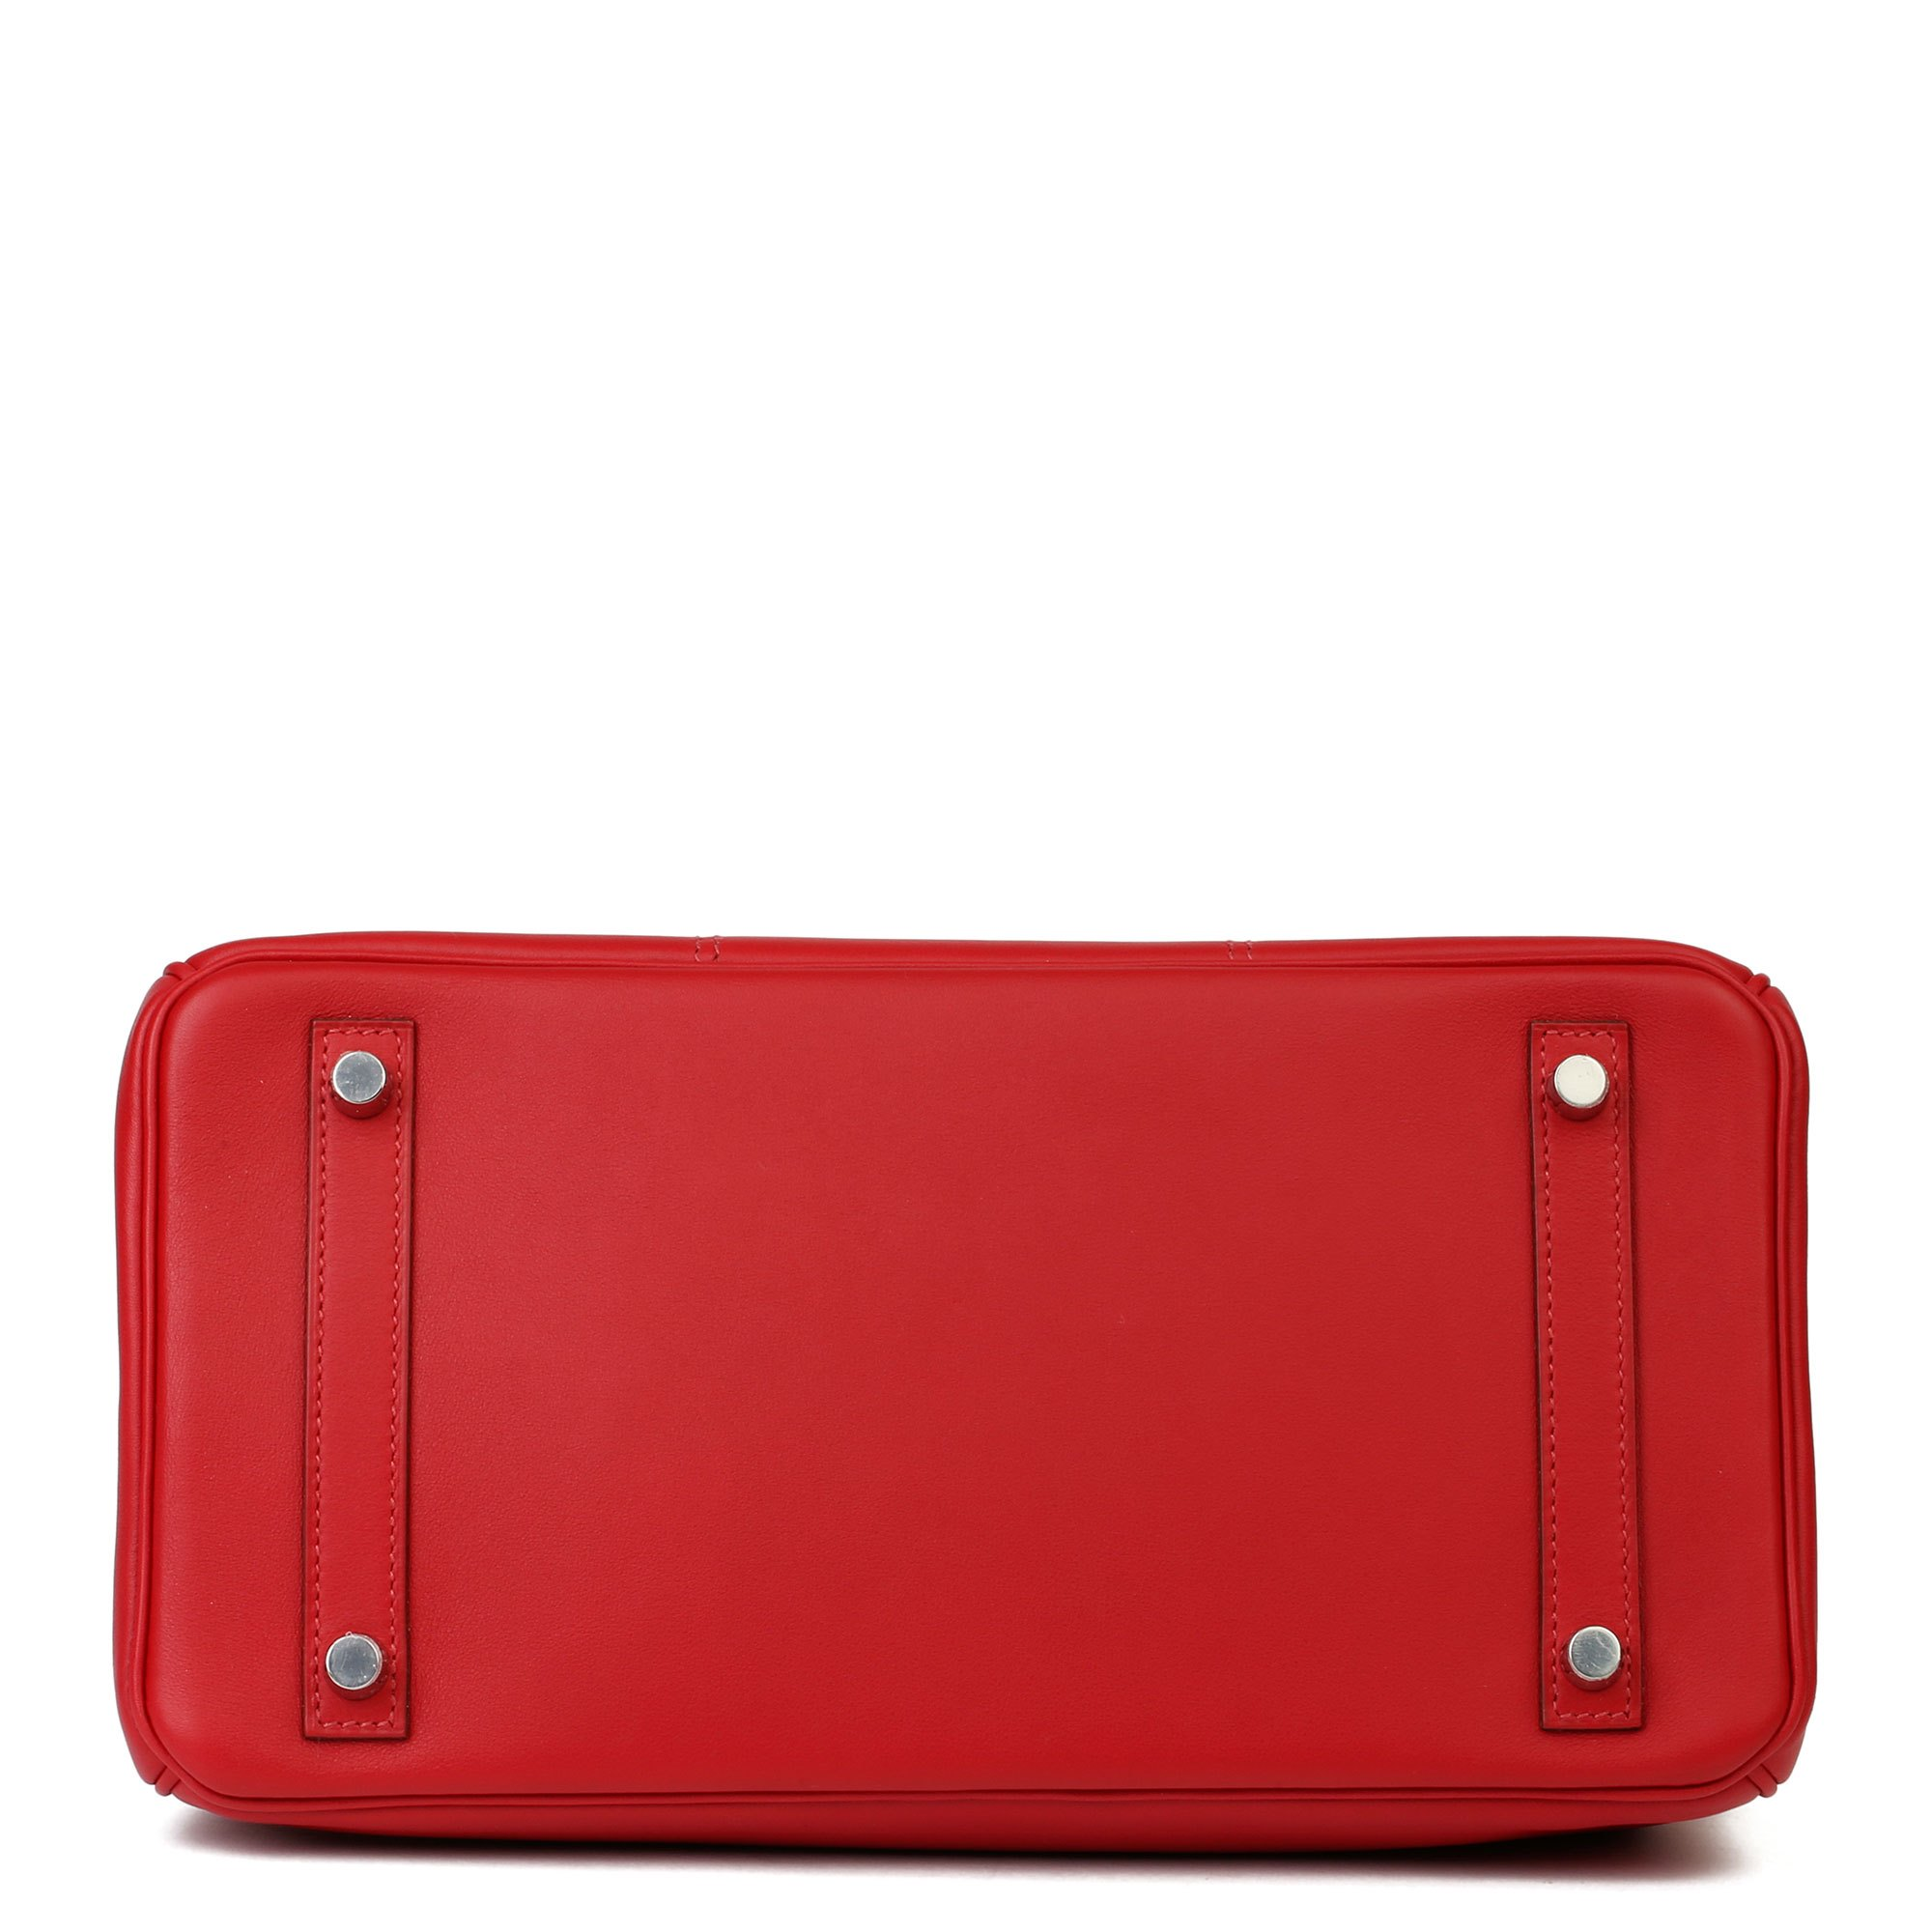 Hermès Rouge de Coeur Swift Leather & Rouge Piment, Rouge H Epsom Leather Tressage Birkin 30cm Retourne